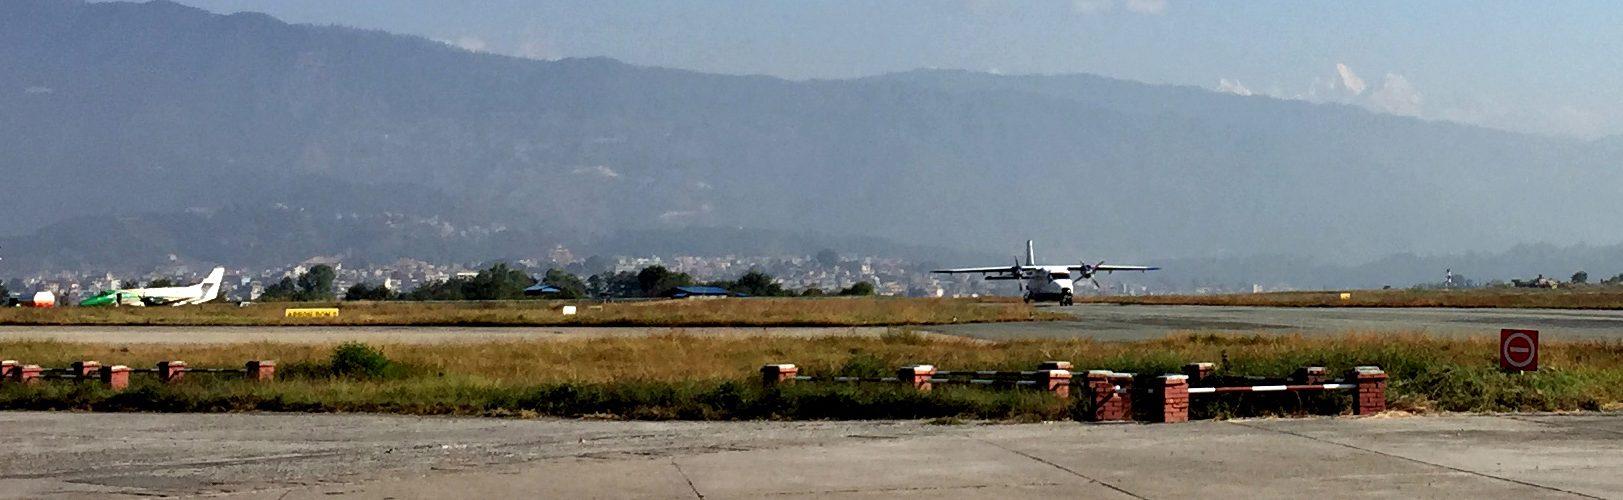 Indenrigslufthavn-Nepal-KIPLINGTRAVEL